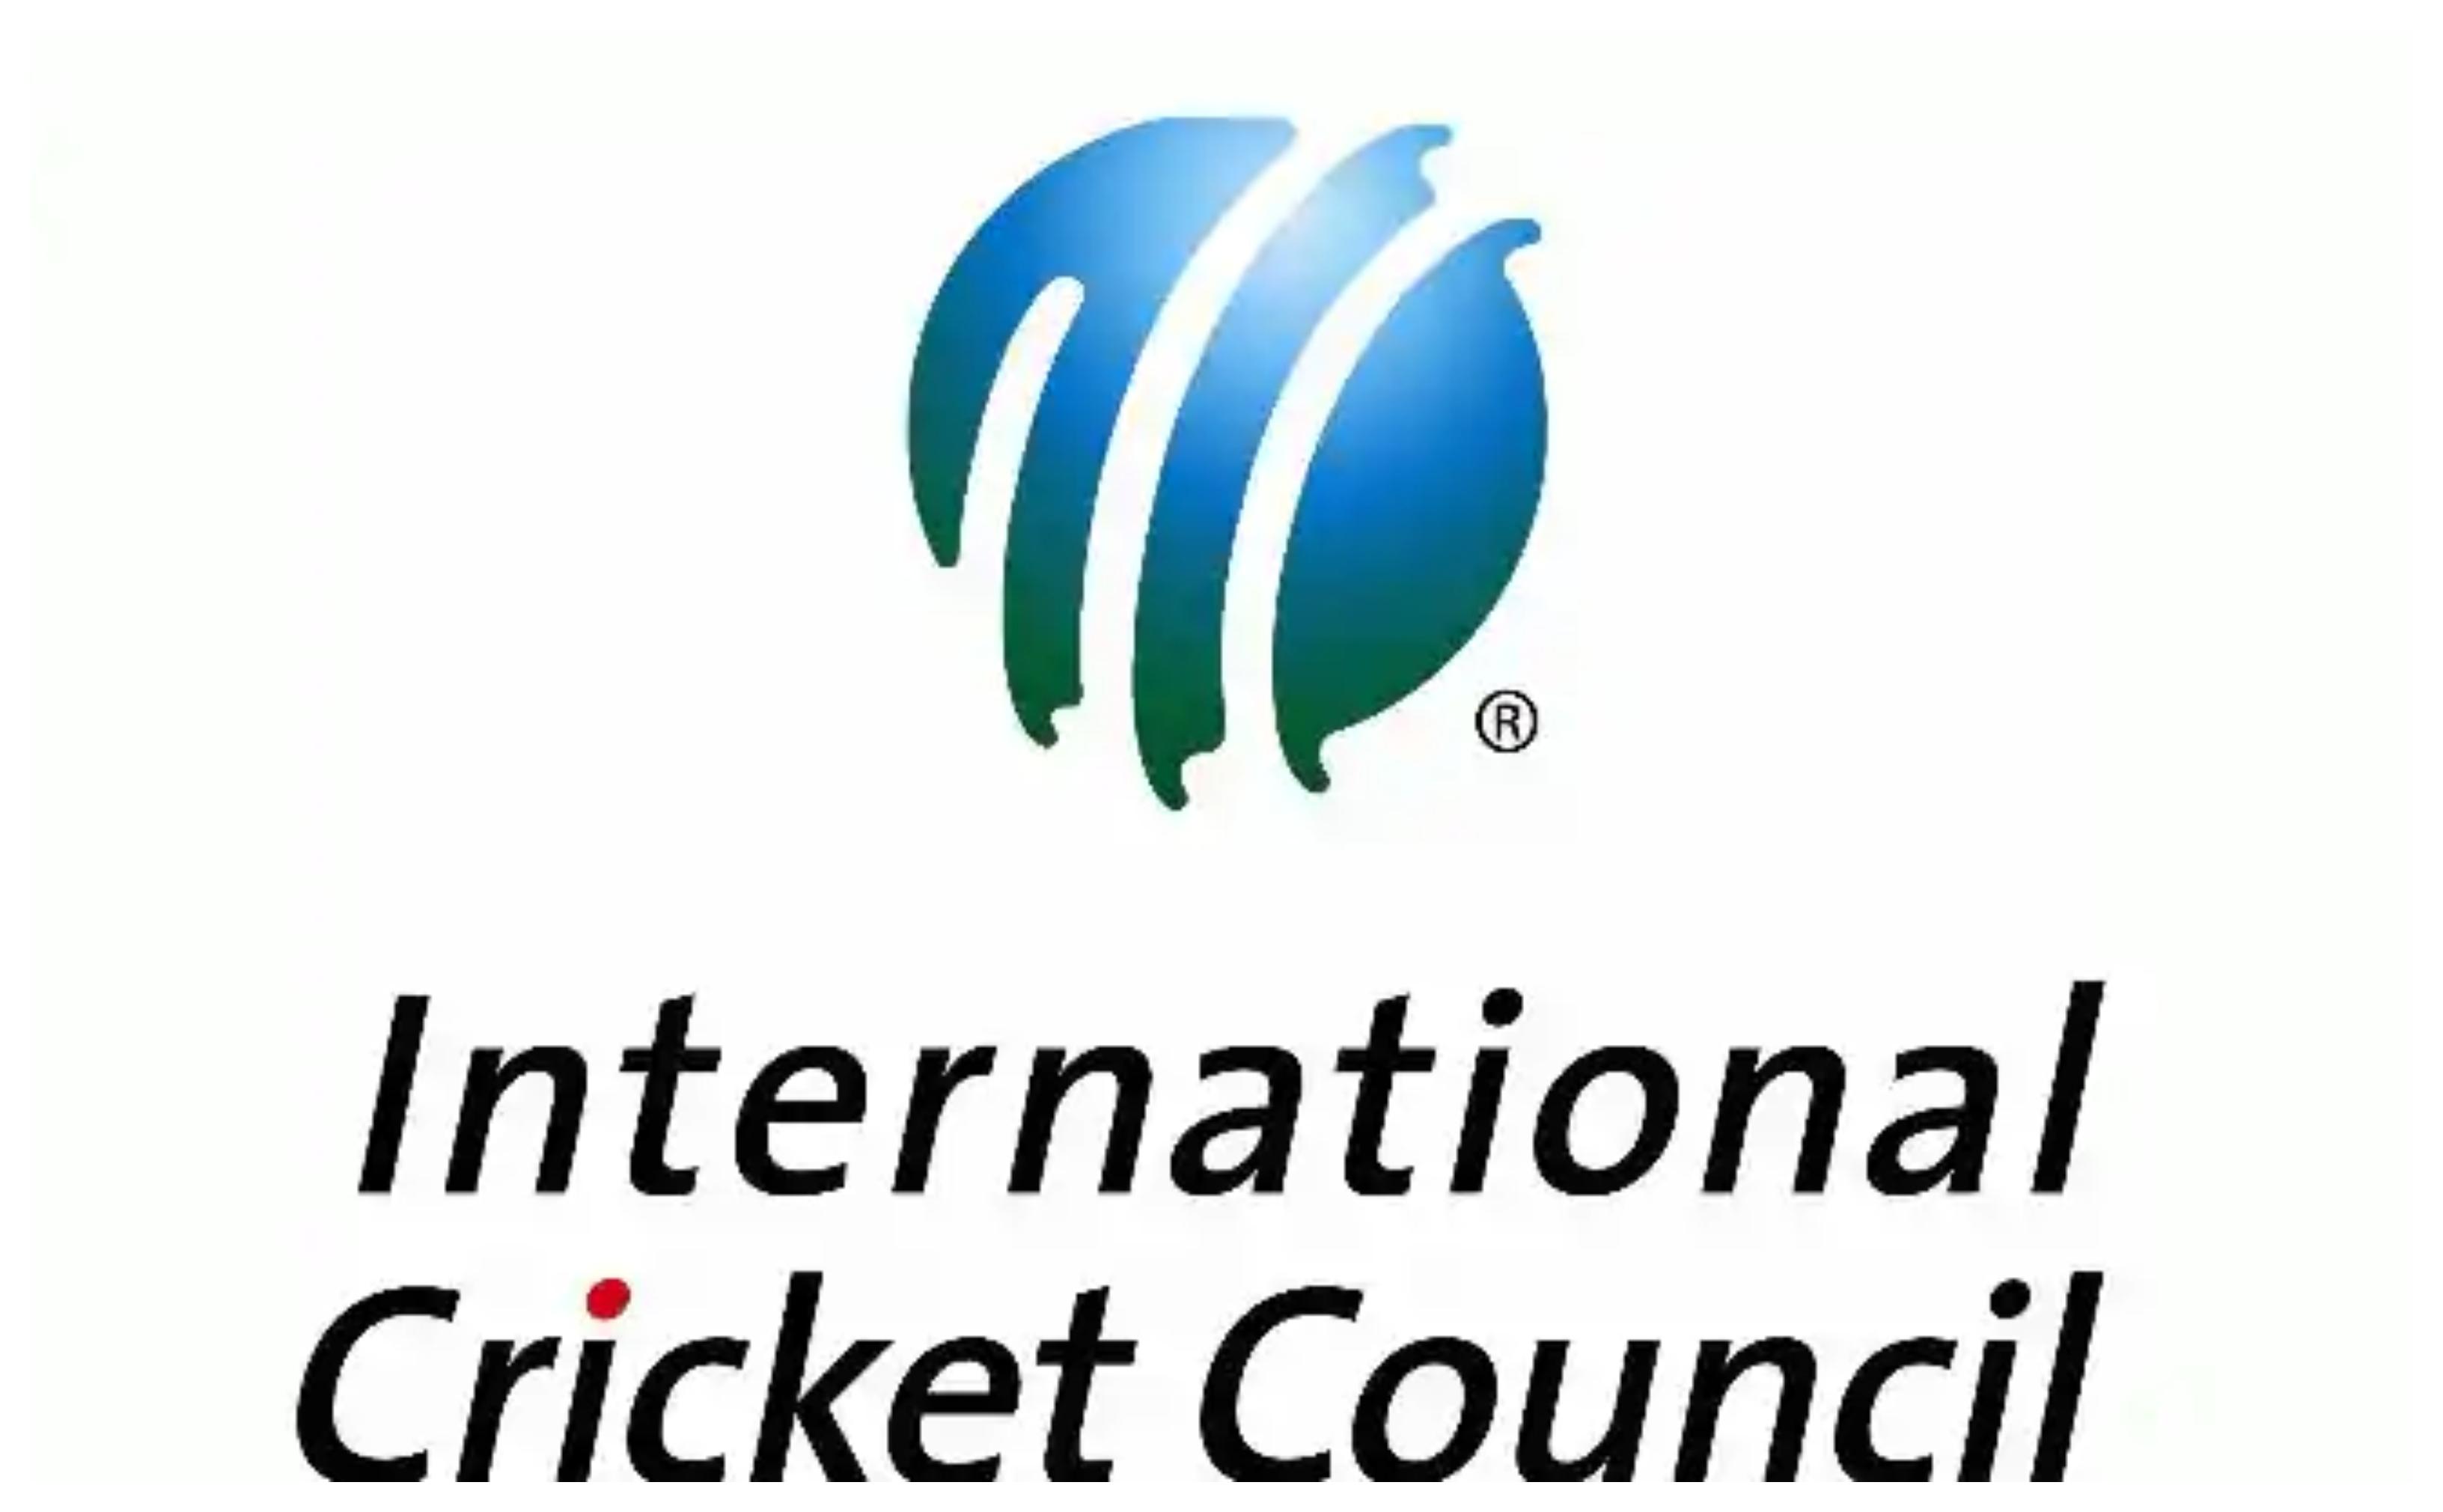 International Cricket Council | Twitter